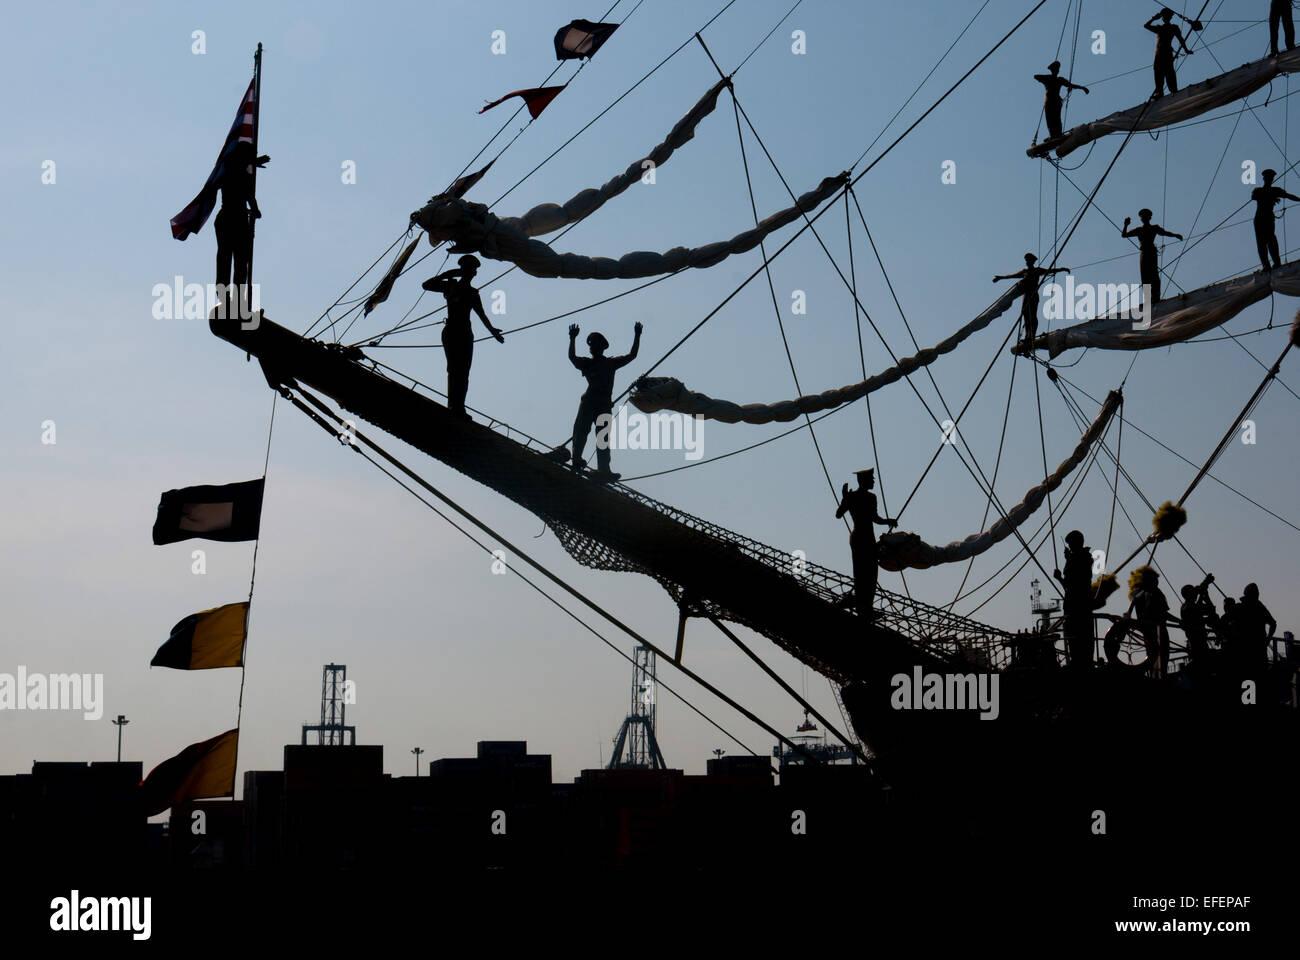 Indonesische Marine jüngstere Söhne führen Parade Roll vor dem letzten Segel des ursprünglichen Stockbild